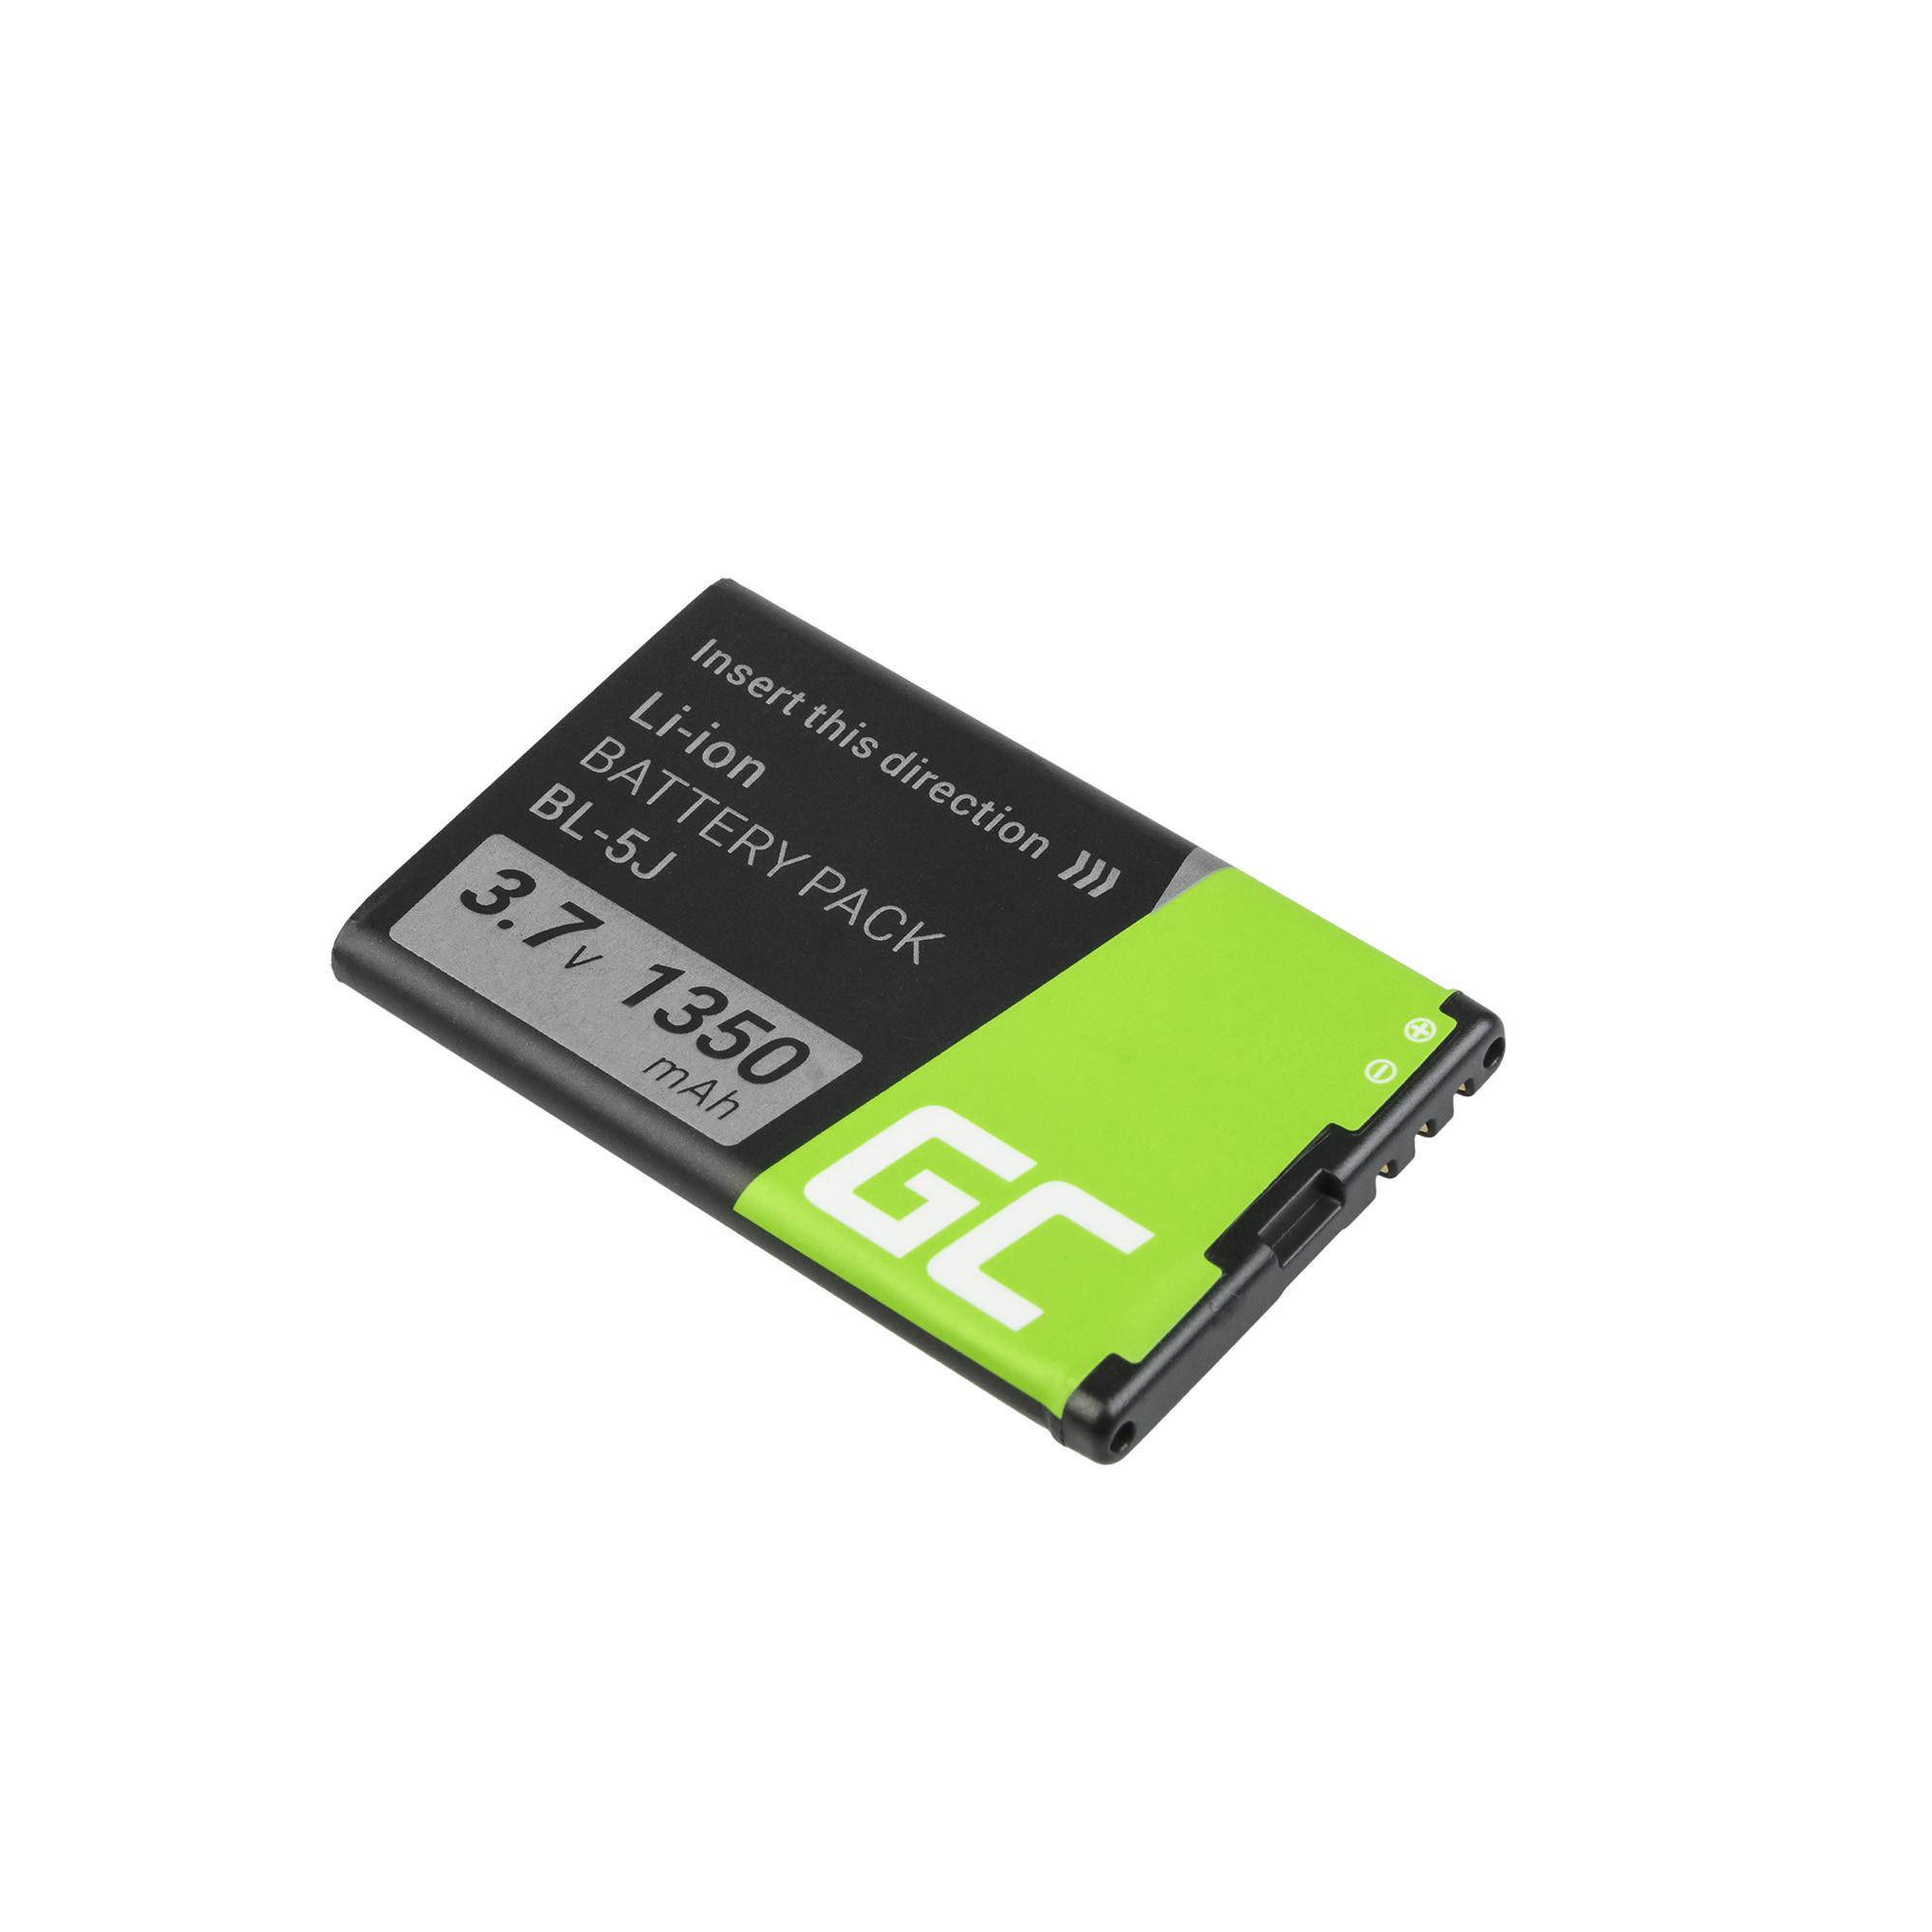 Green Cell Smartphone Batteri för BL-5J BL5J för Nokia Lumia 520 525 530 ASHA 200 201